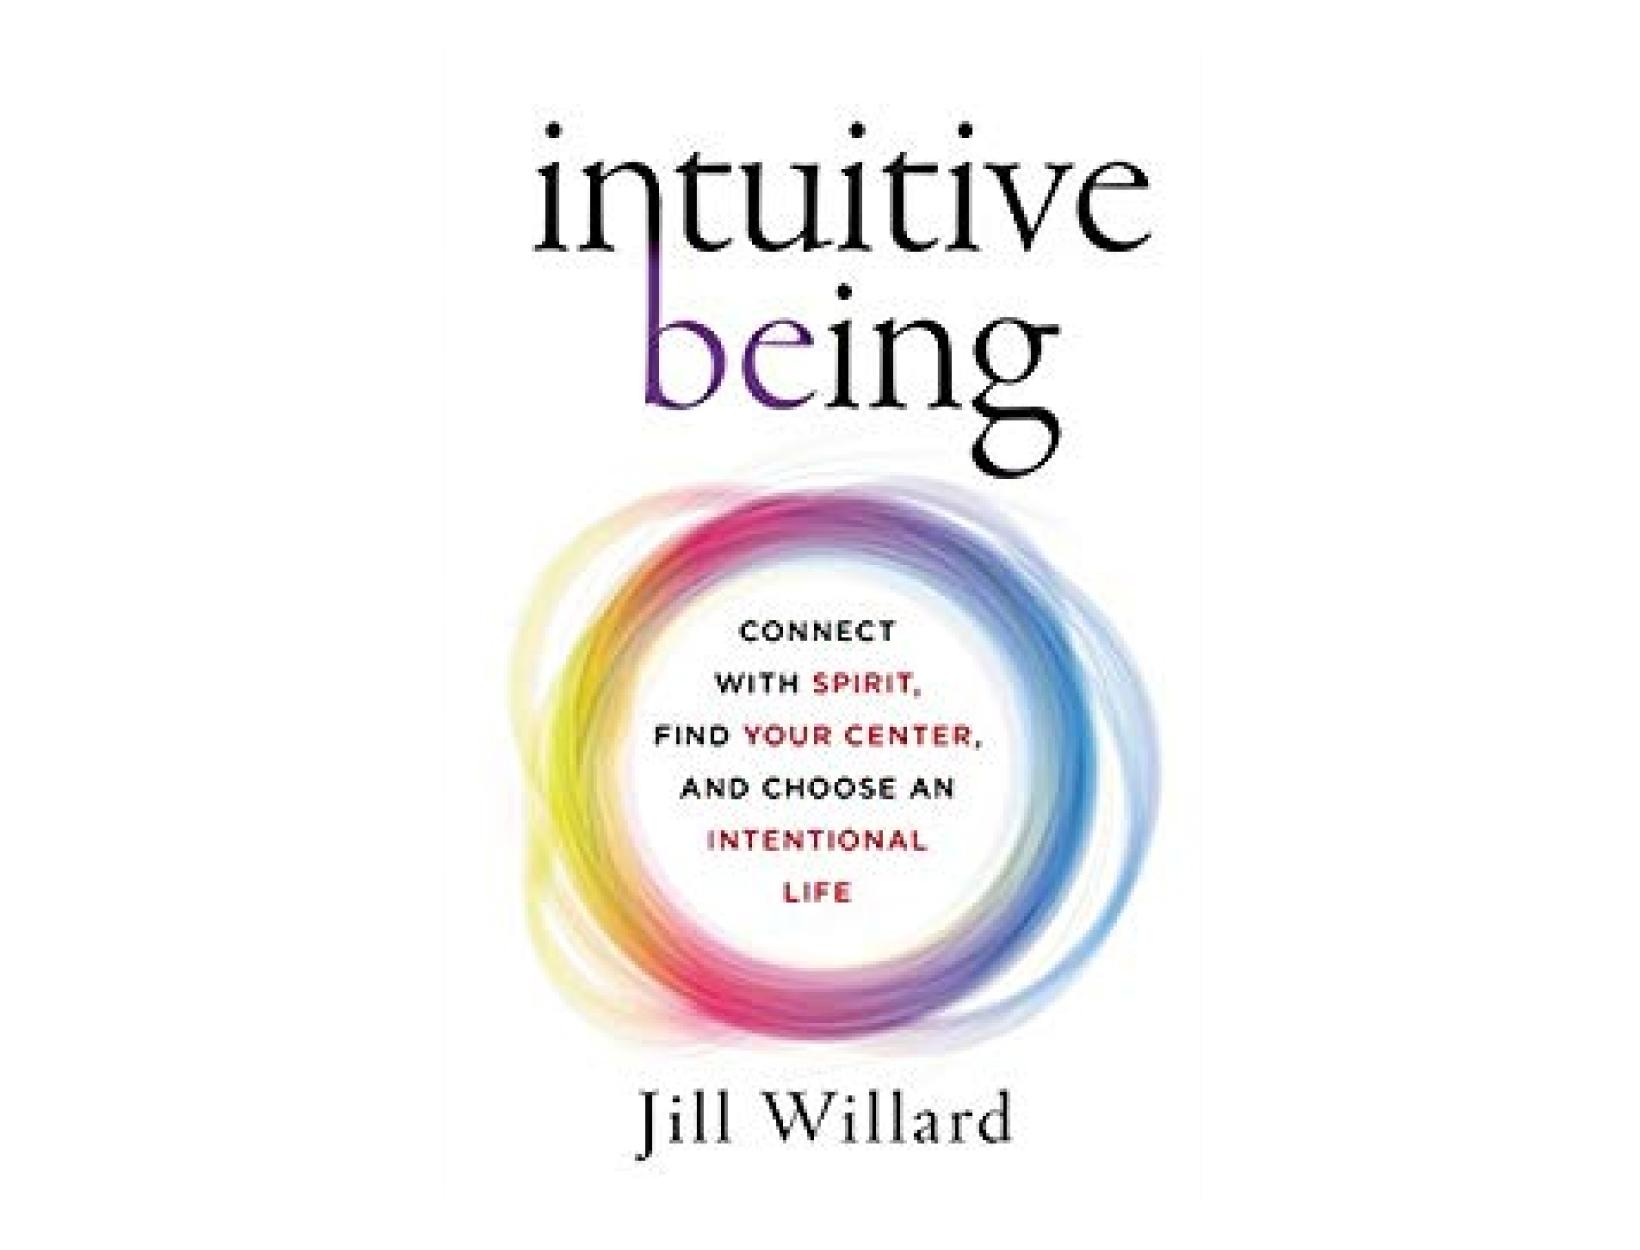 <em>Jill Willard